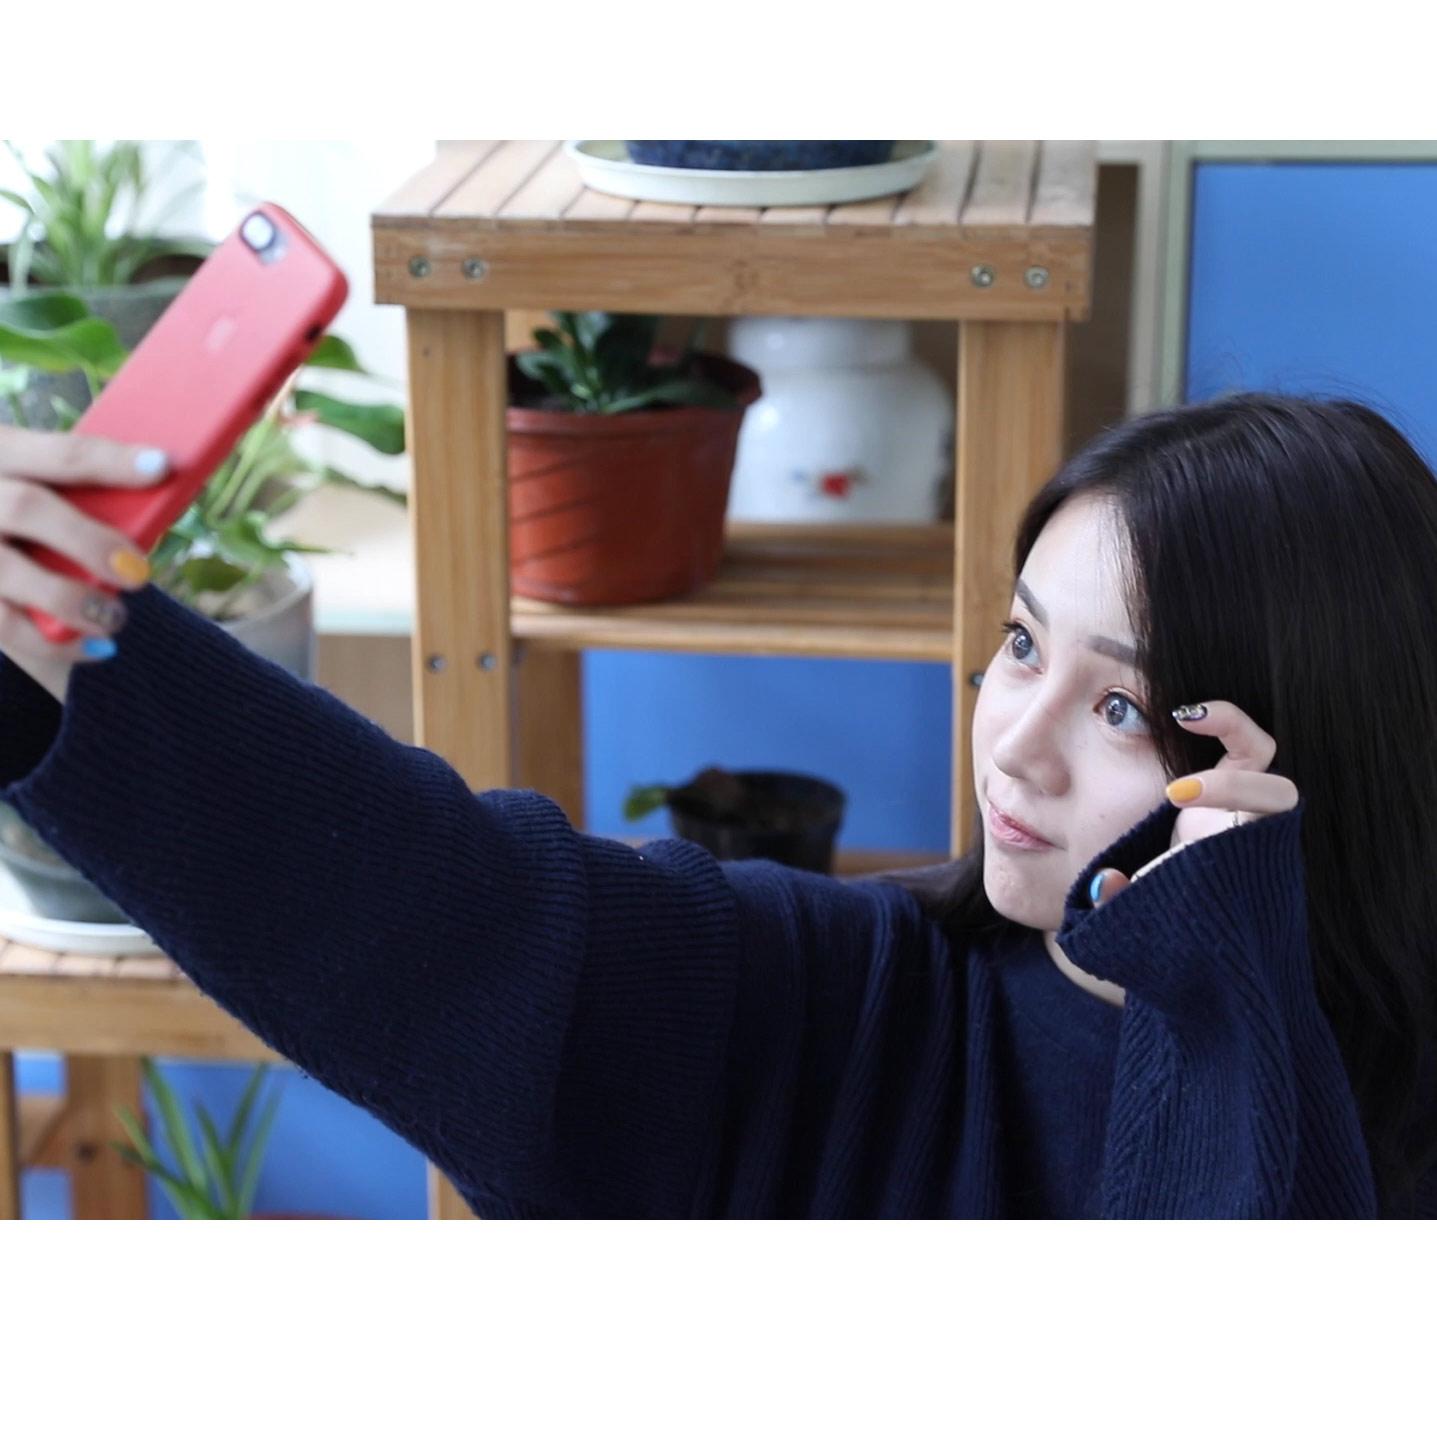 #摄影技巧# 妹纸必学的一些实用的自拍技巧,配合手机A-王者不修图的秒拍